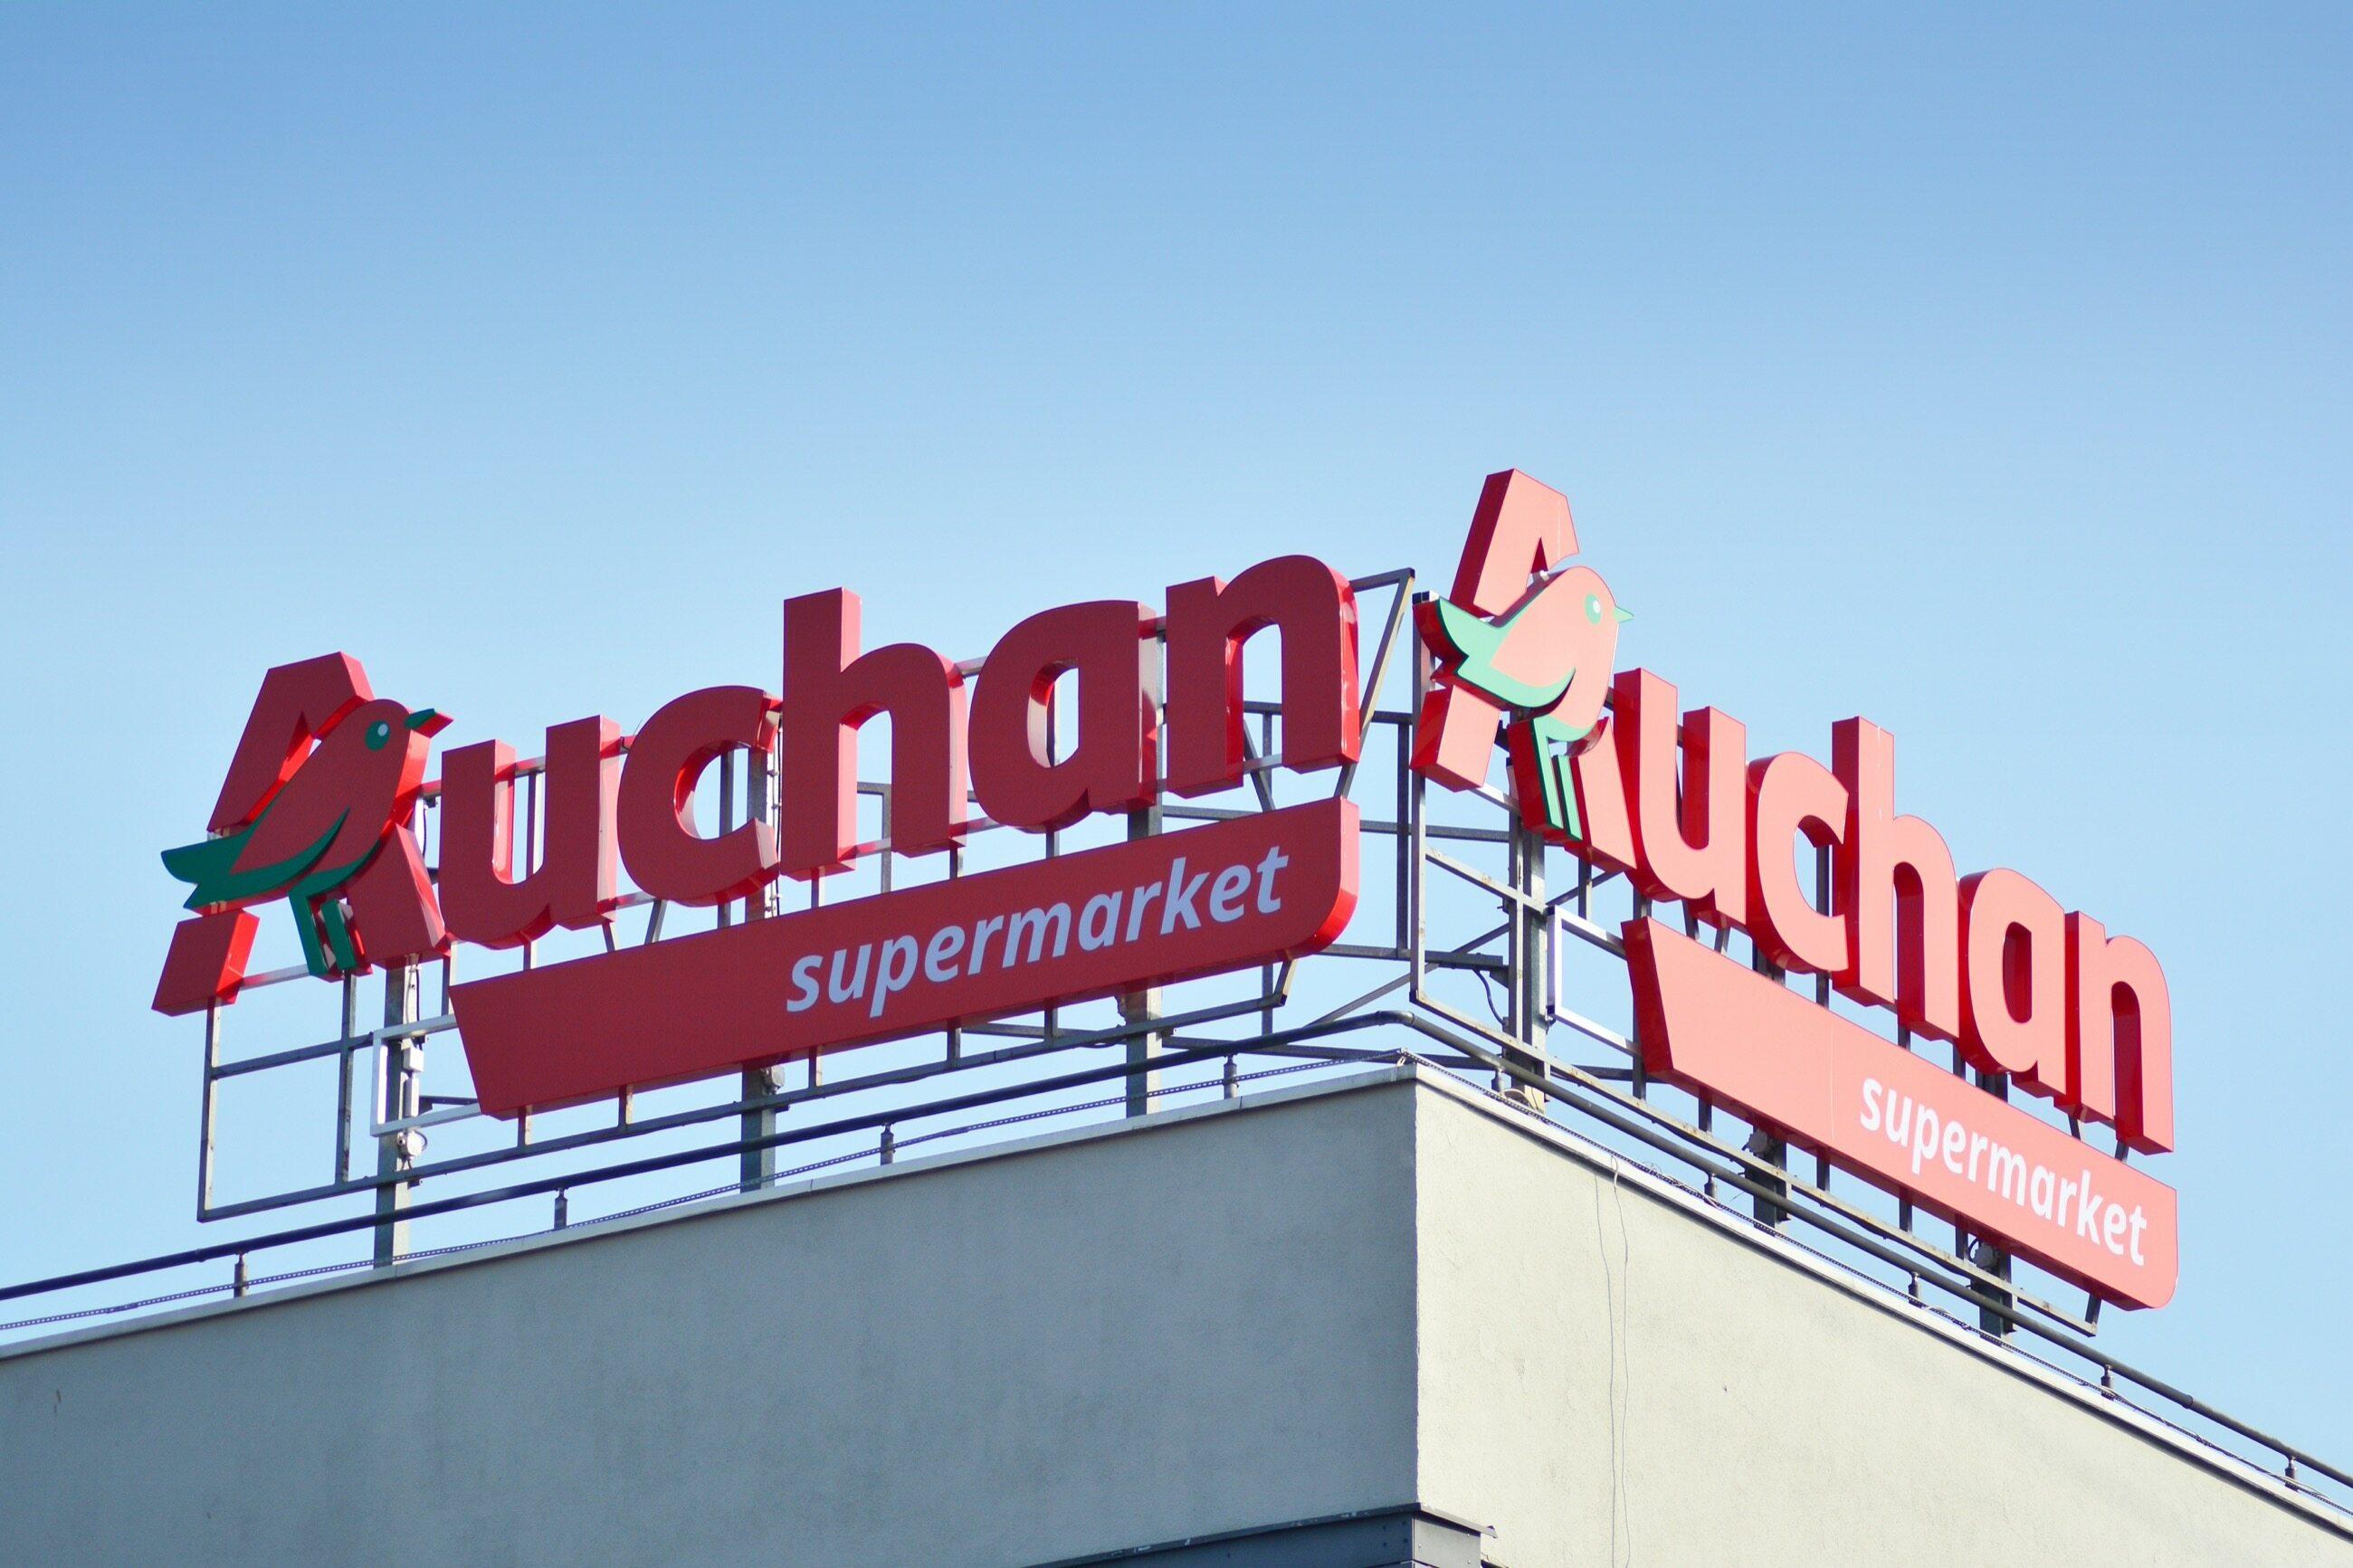 Gdy wybieramy się na zakupy do Auchan idziemy do: